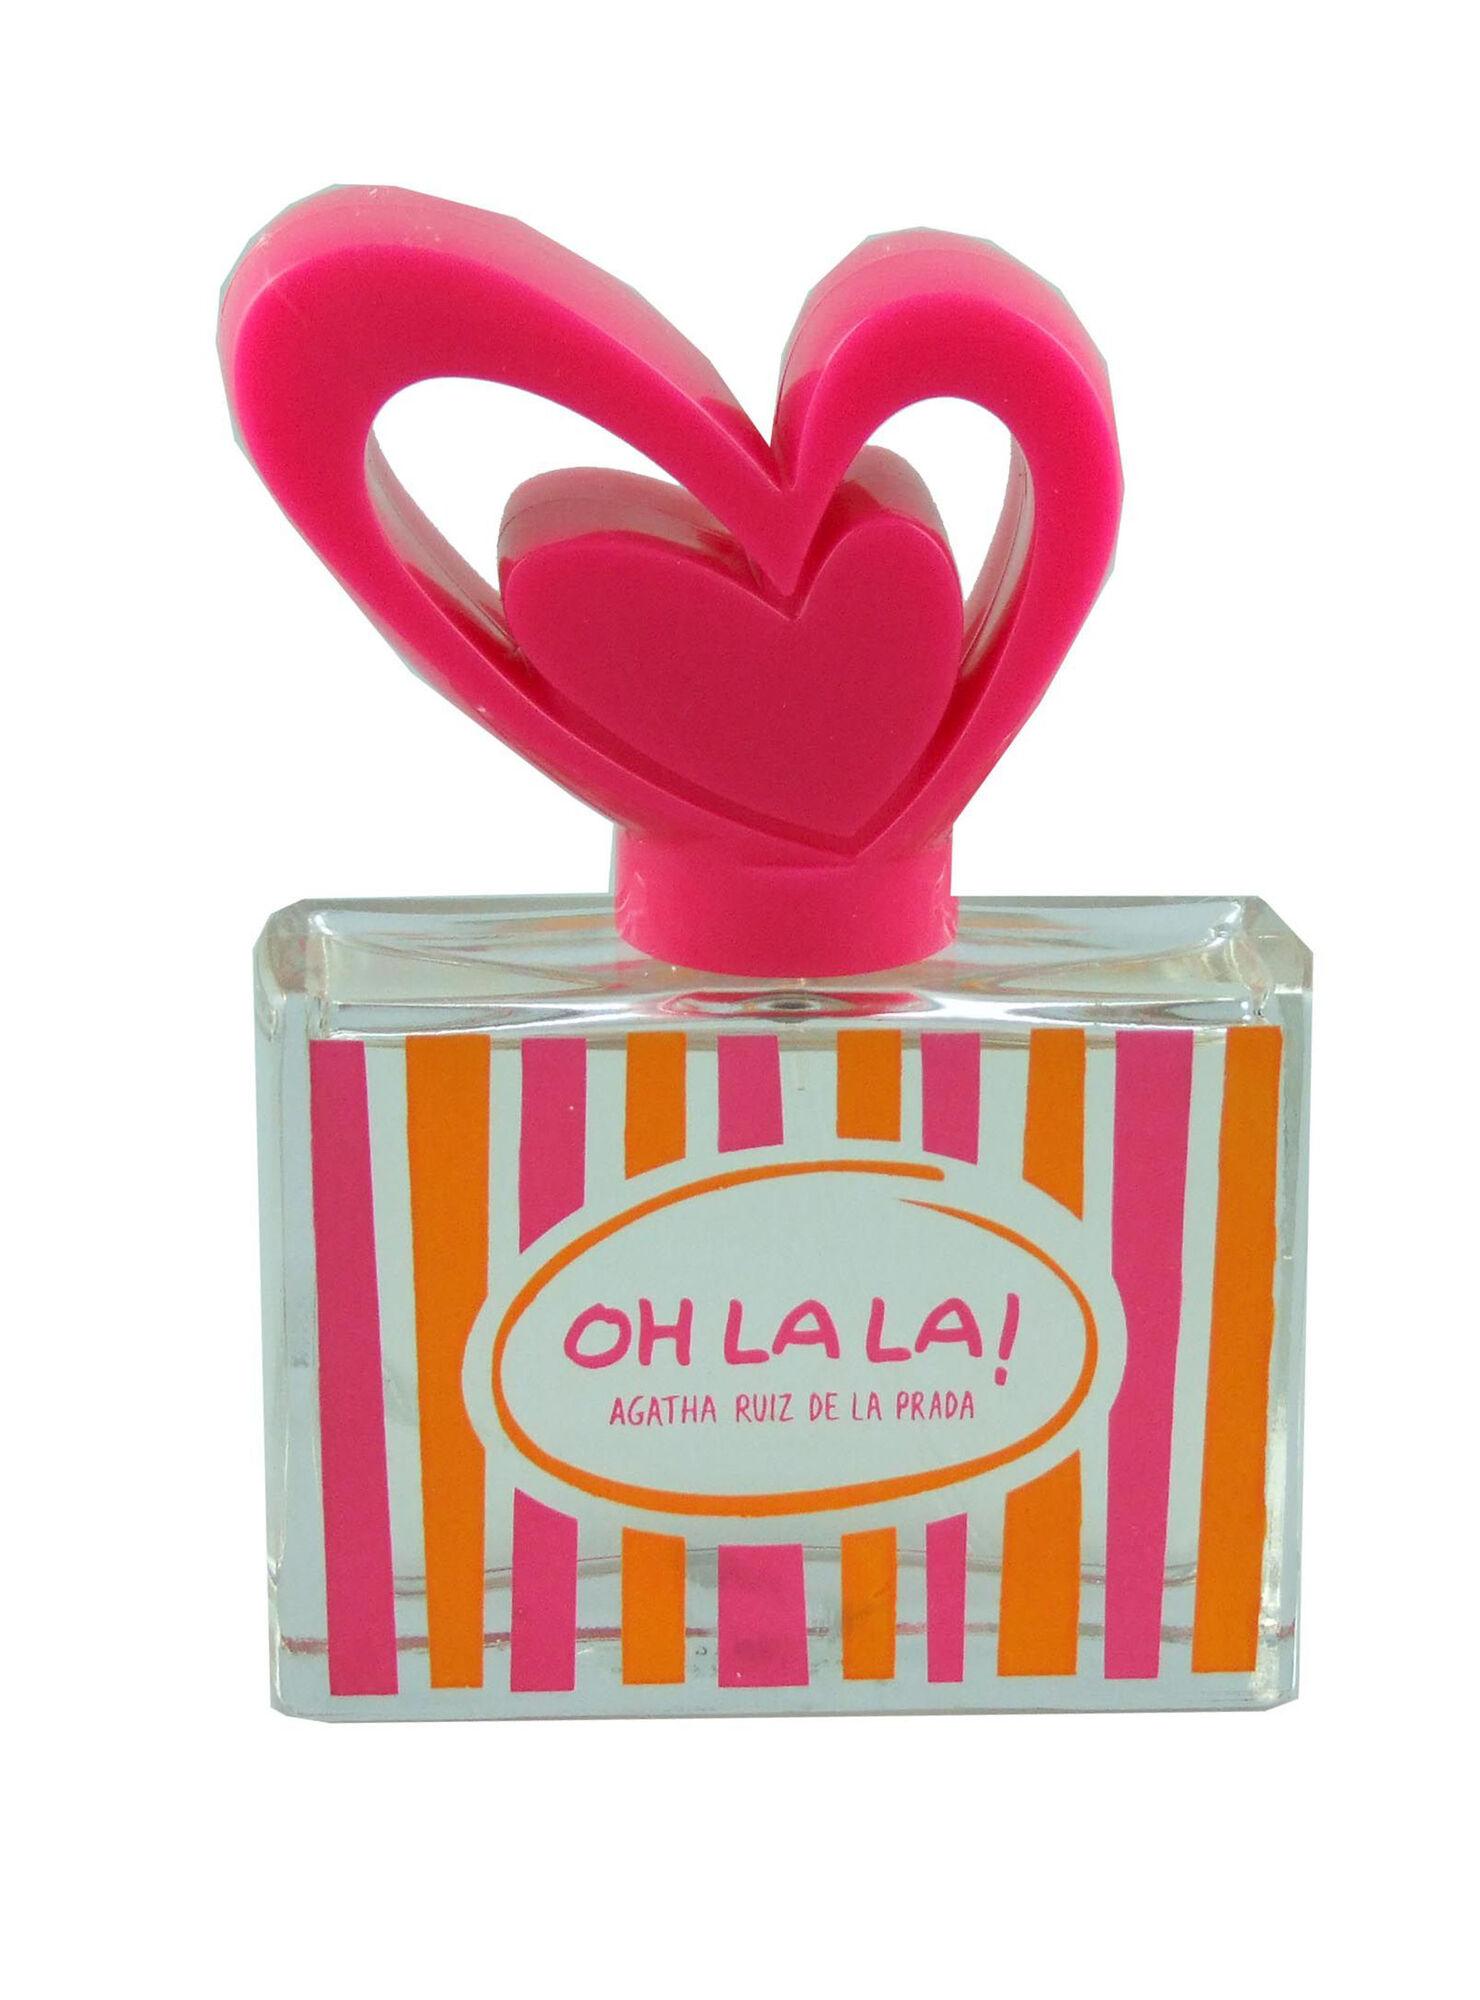 e13540b3e64 Perfume Agatha Ruiz De La Prada Oh La La! EDT 100 ml - Perfumes ...